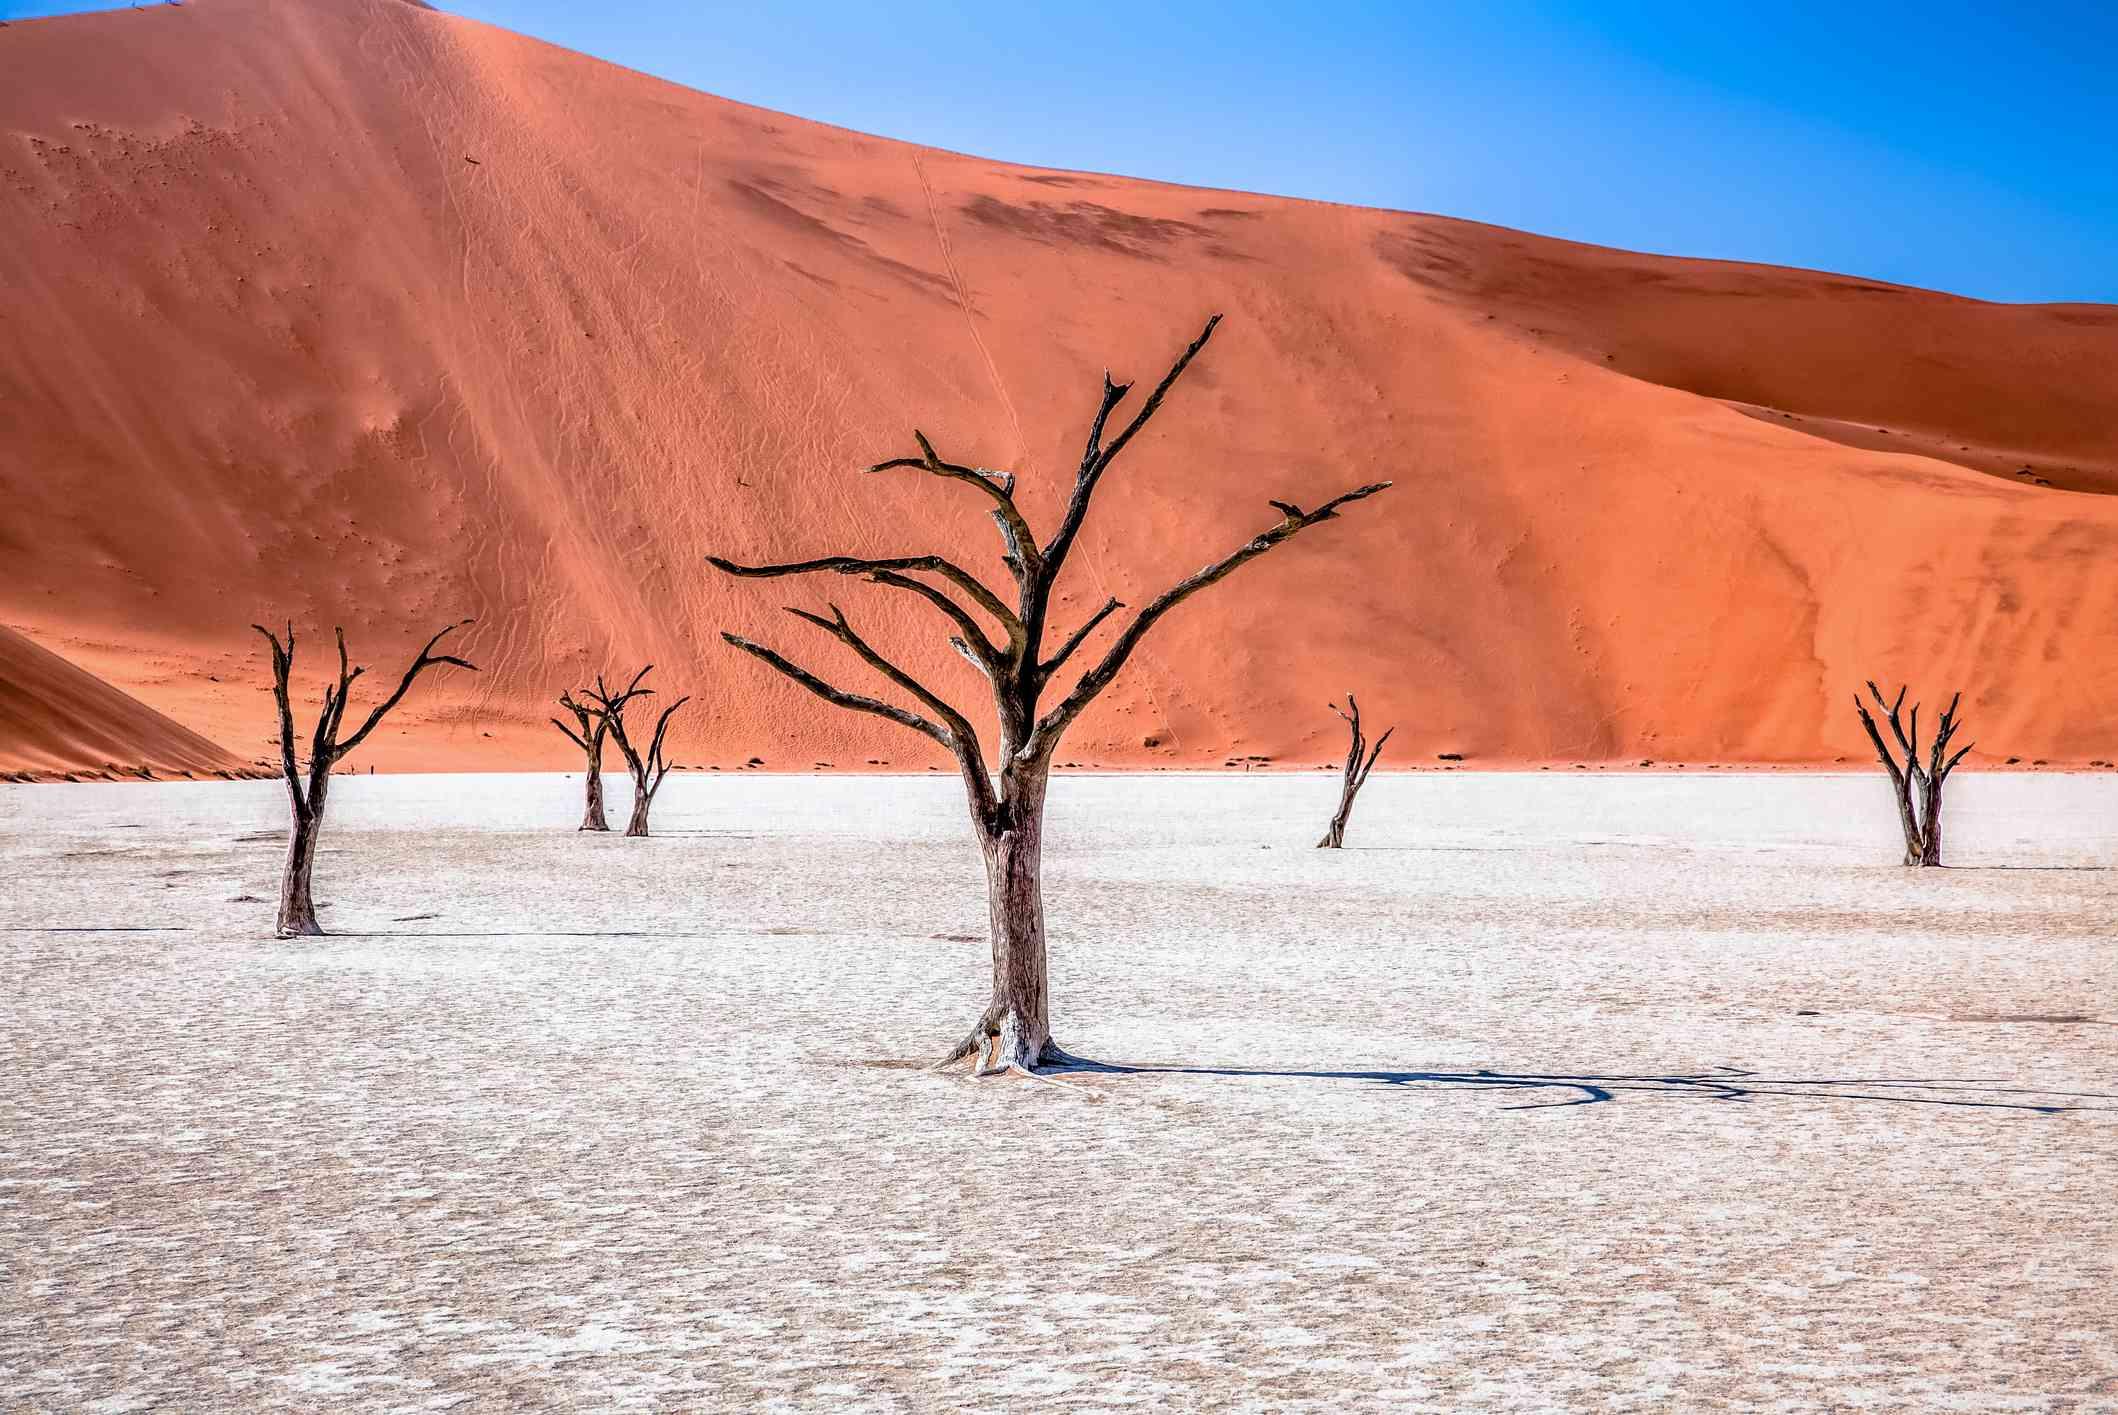 Dead trees in desert at Deadvlei in Namib Desert